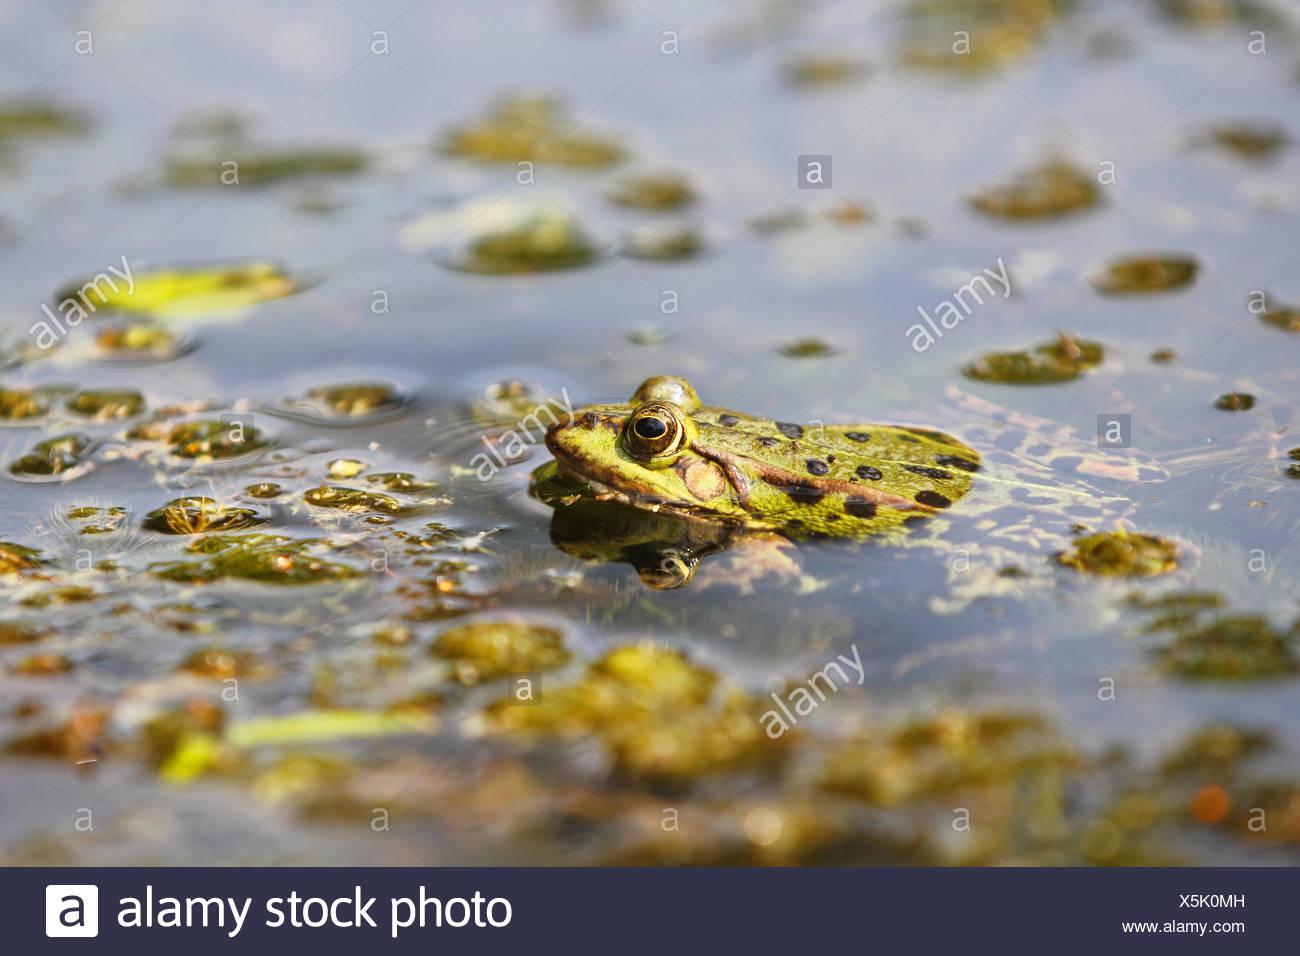 edible frog, rana esculenta - Stock Image